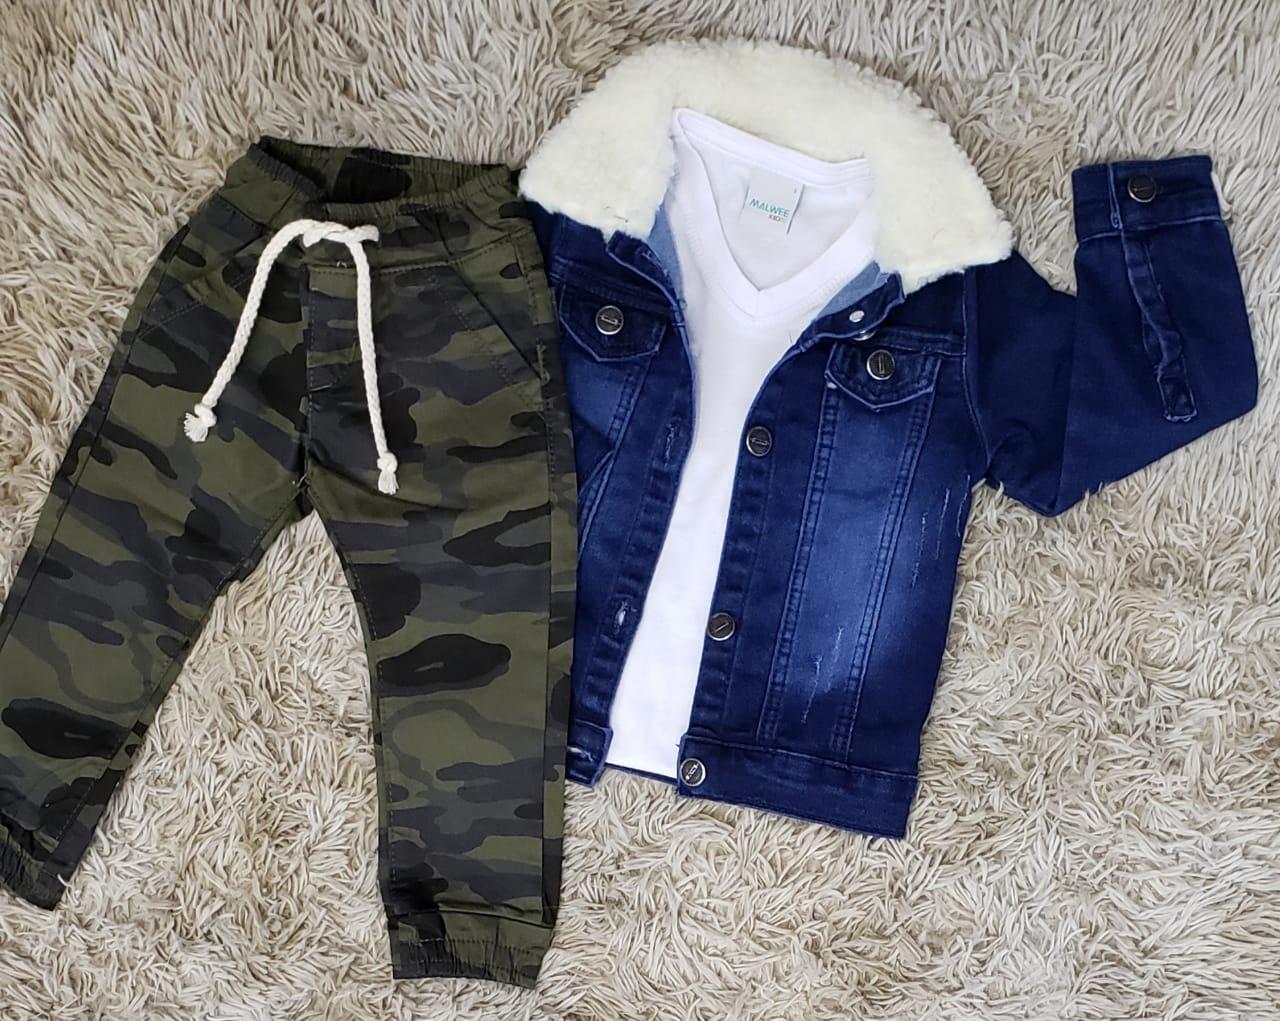 Calça Camuflada com Camiseta Branca e Jaqueta Jeans